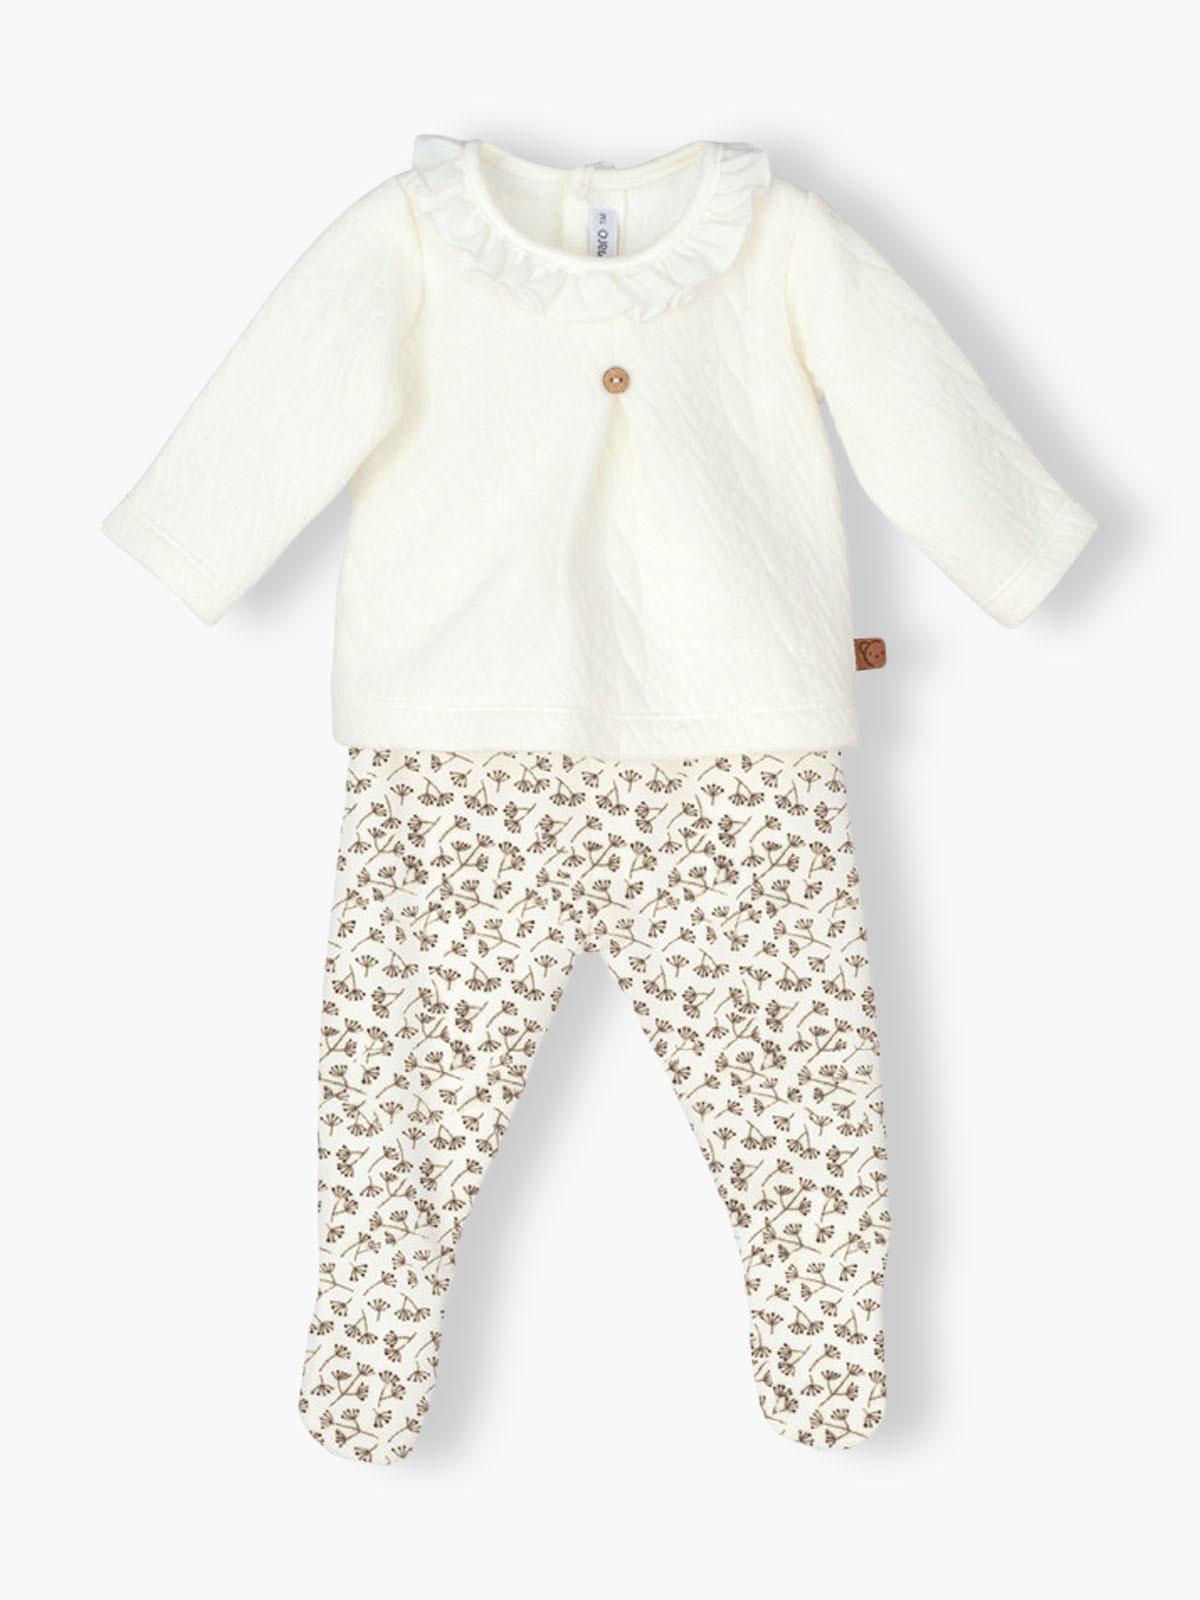 Conjunto de 2 peças pérola composto por camisola e calças em veludo para bebé menina. Camisola grossa e calças cardadas